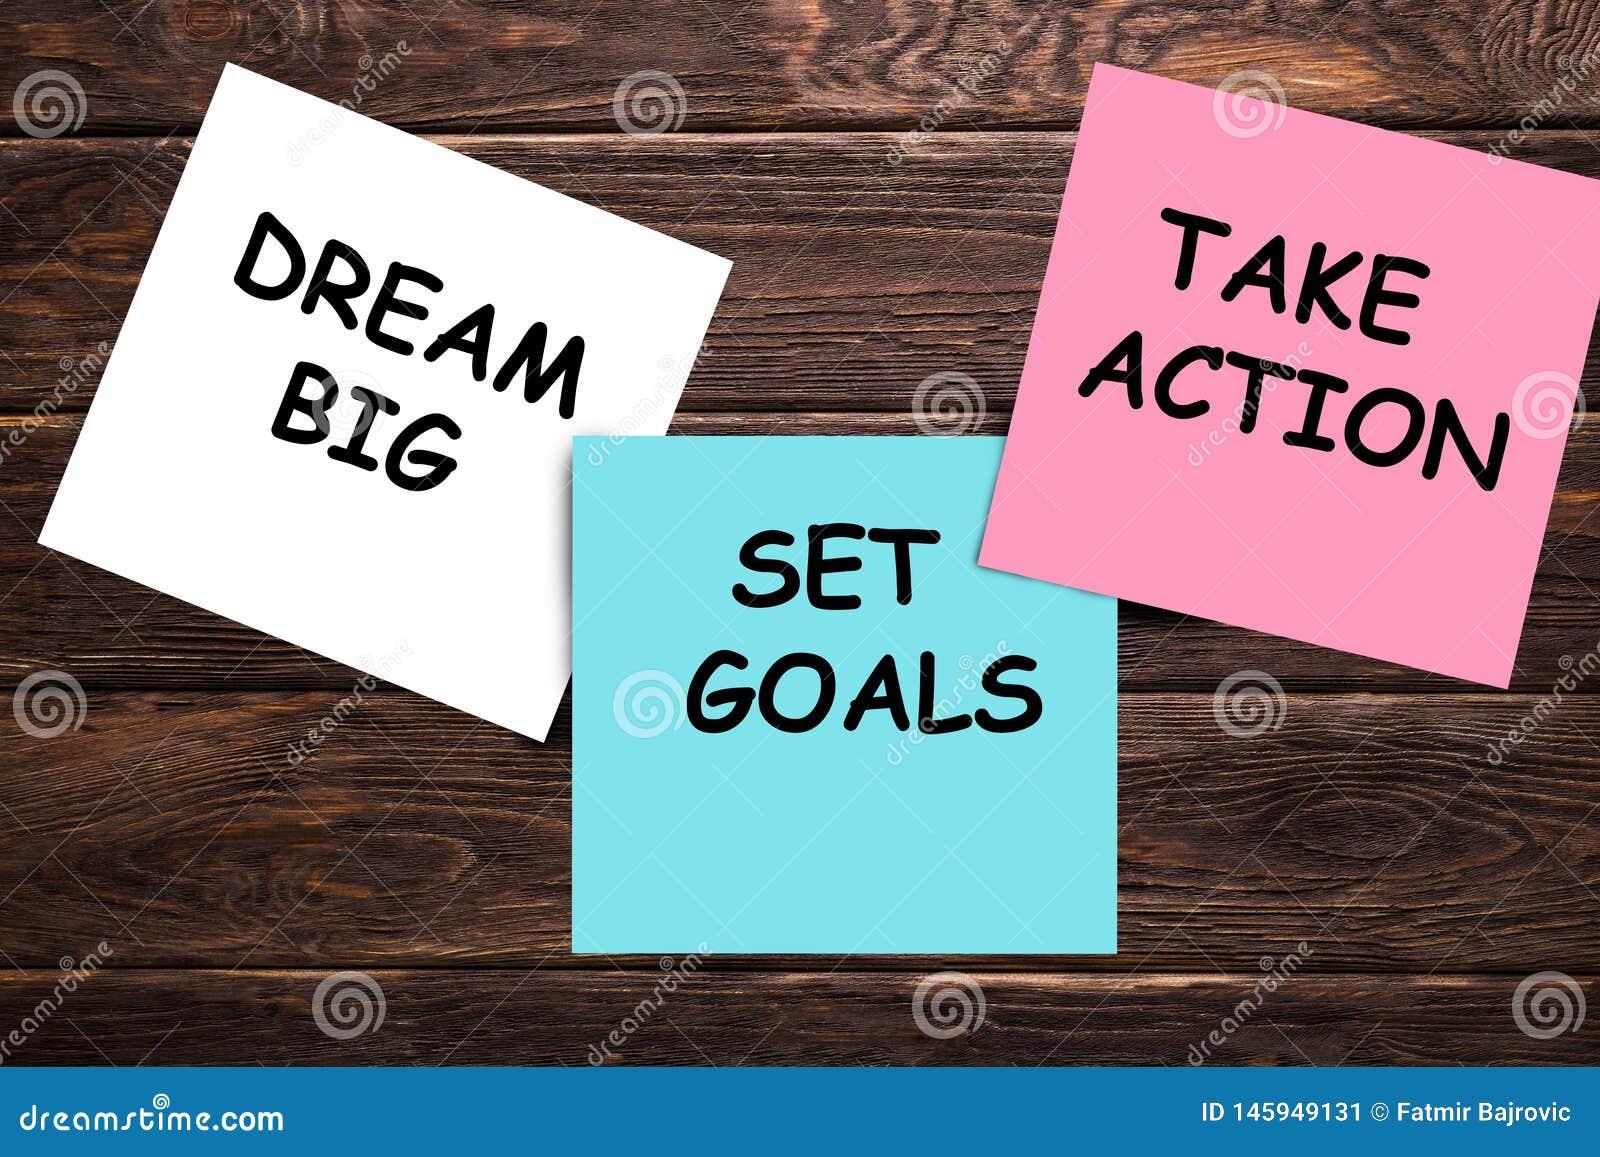 Wymarzony du?y, ustawia cele, bierze akcji poj?cie, - motywacyjna rada lub przypomnienie na kolorowych kleistych notatkach na dre